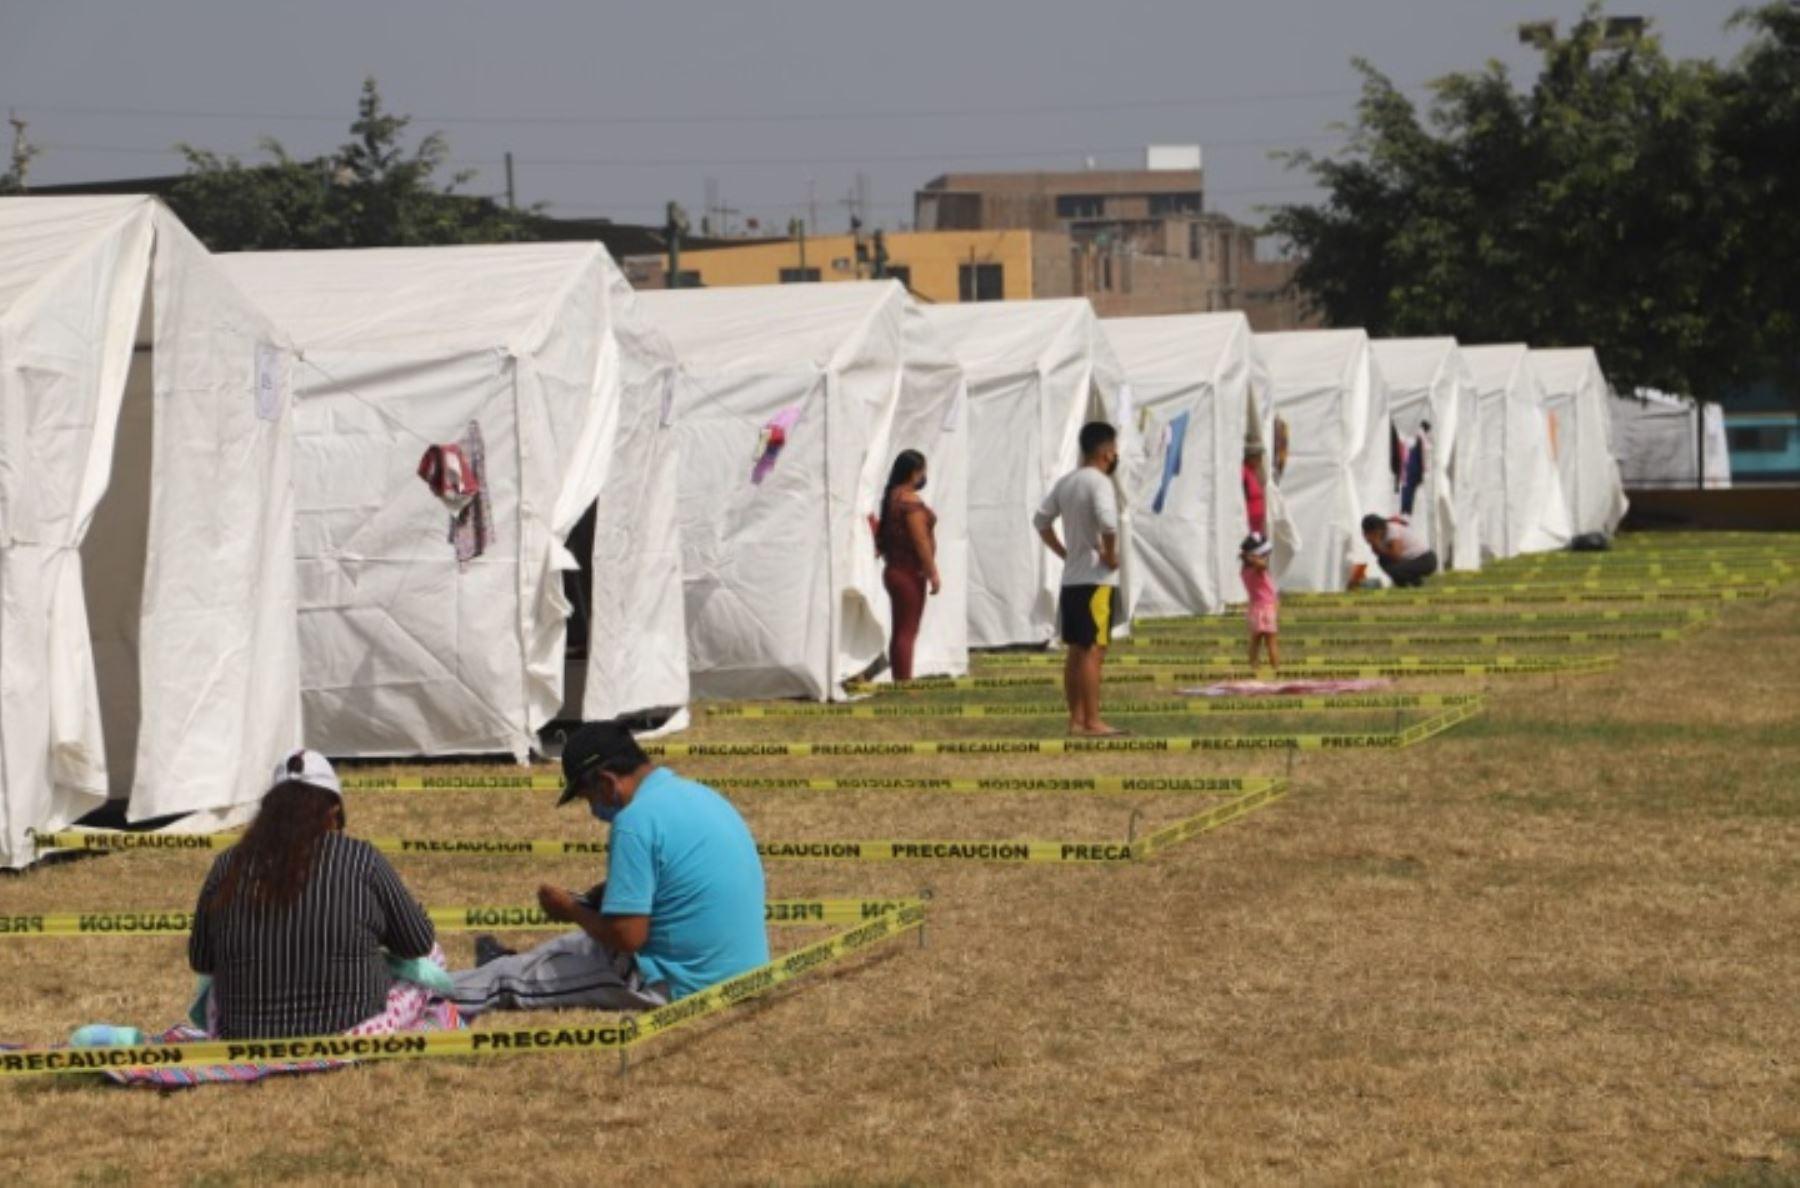 Albergue para huancavelicanos varados en Lima, donde cumplen la cuarentena sanitaria necesaria antes de retornar a su región de origen.